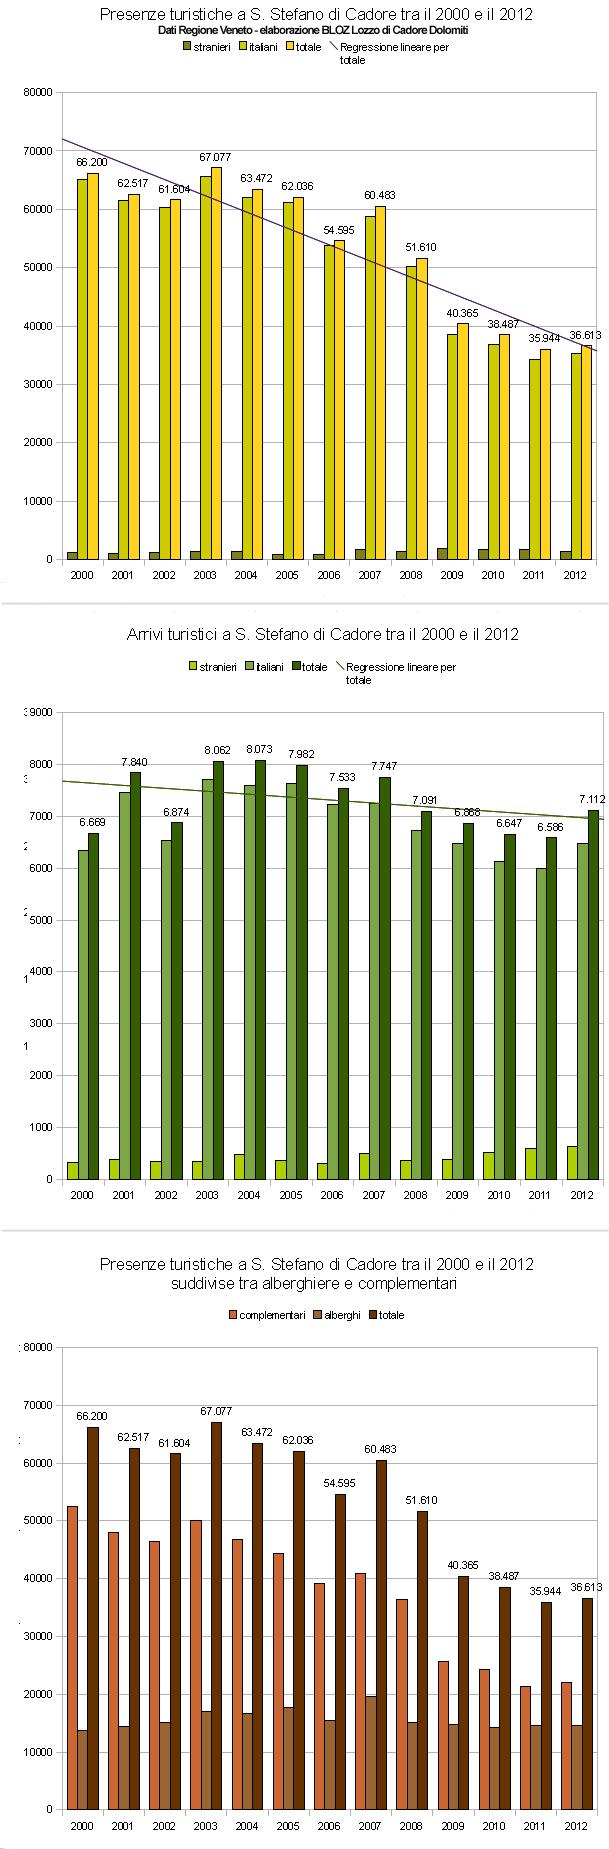 Andamento arrivi e presenze turistiche a S. Stefano di Cadore tra il 2000 e il 2012